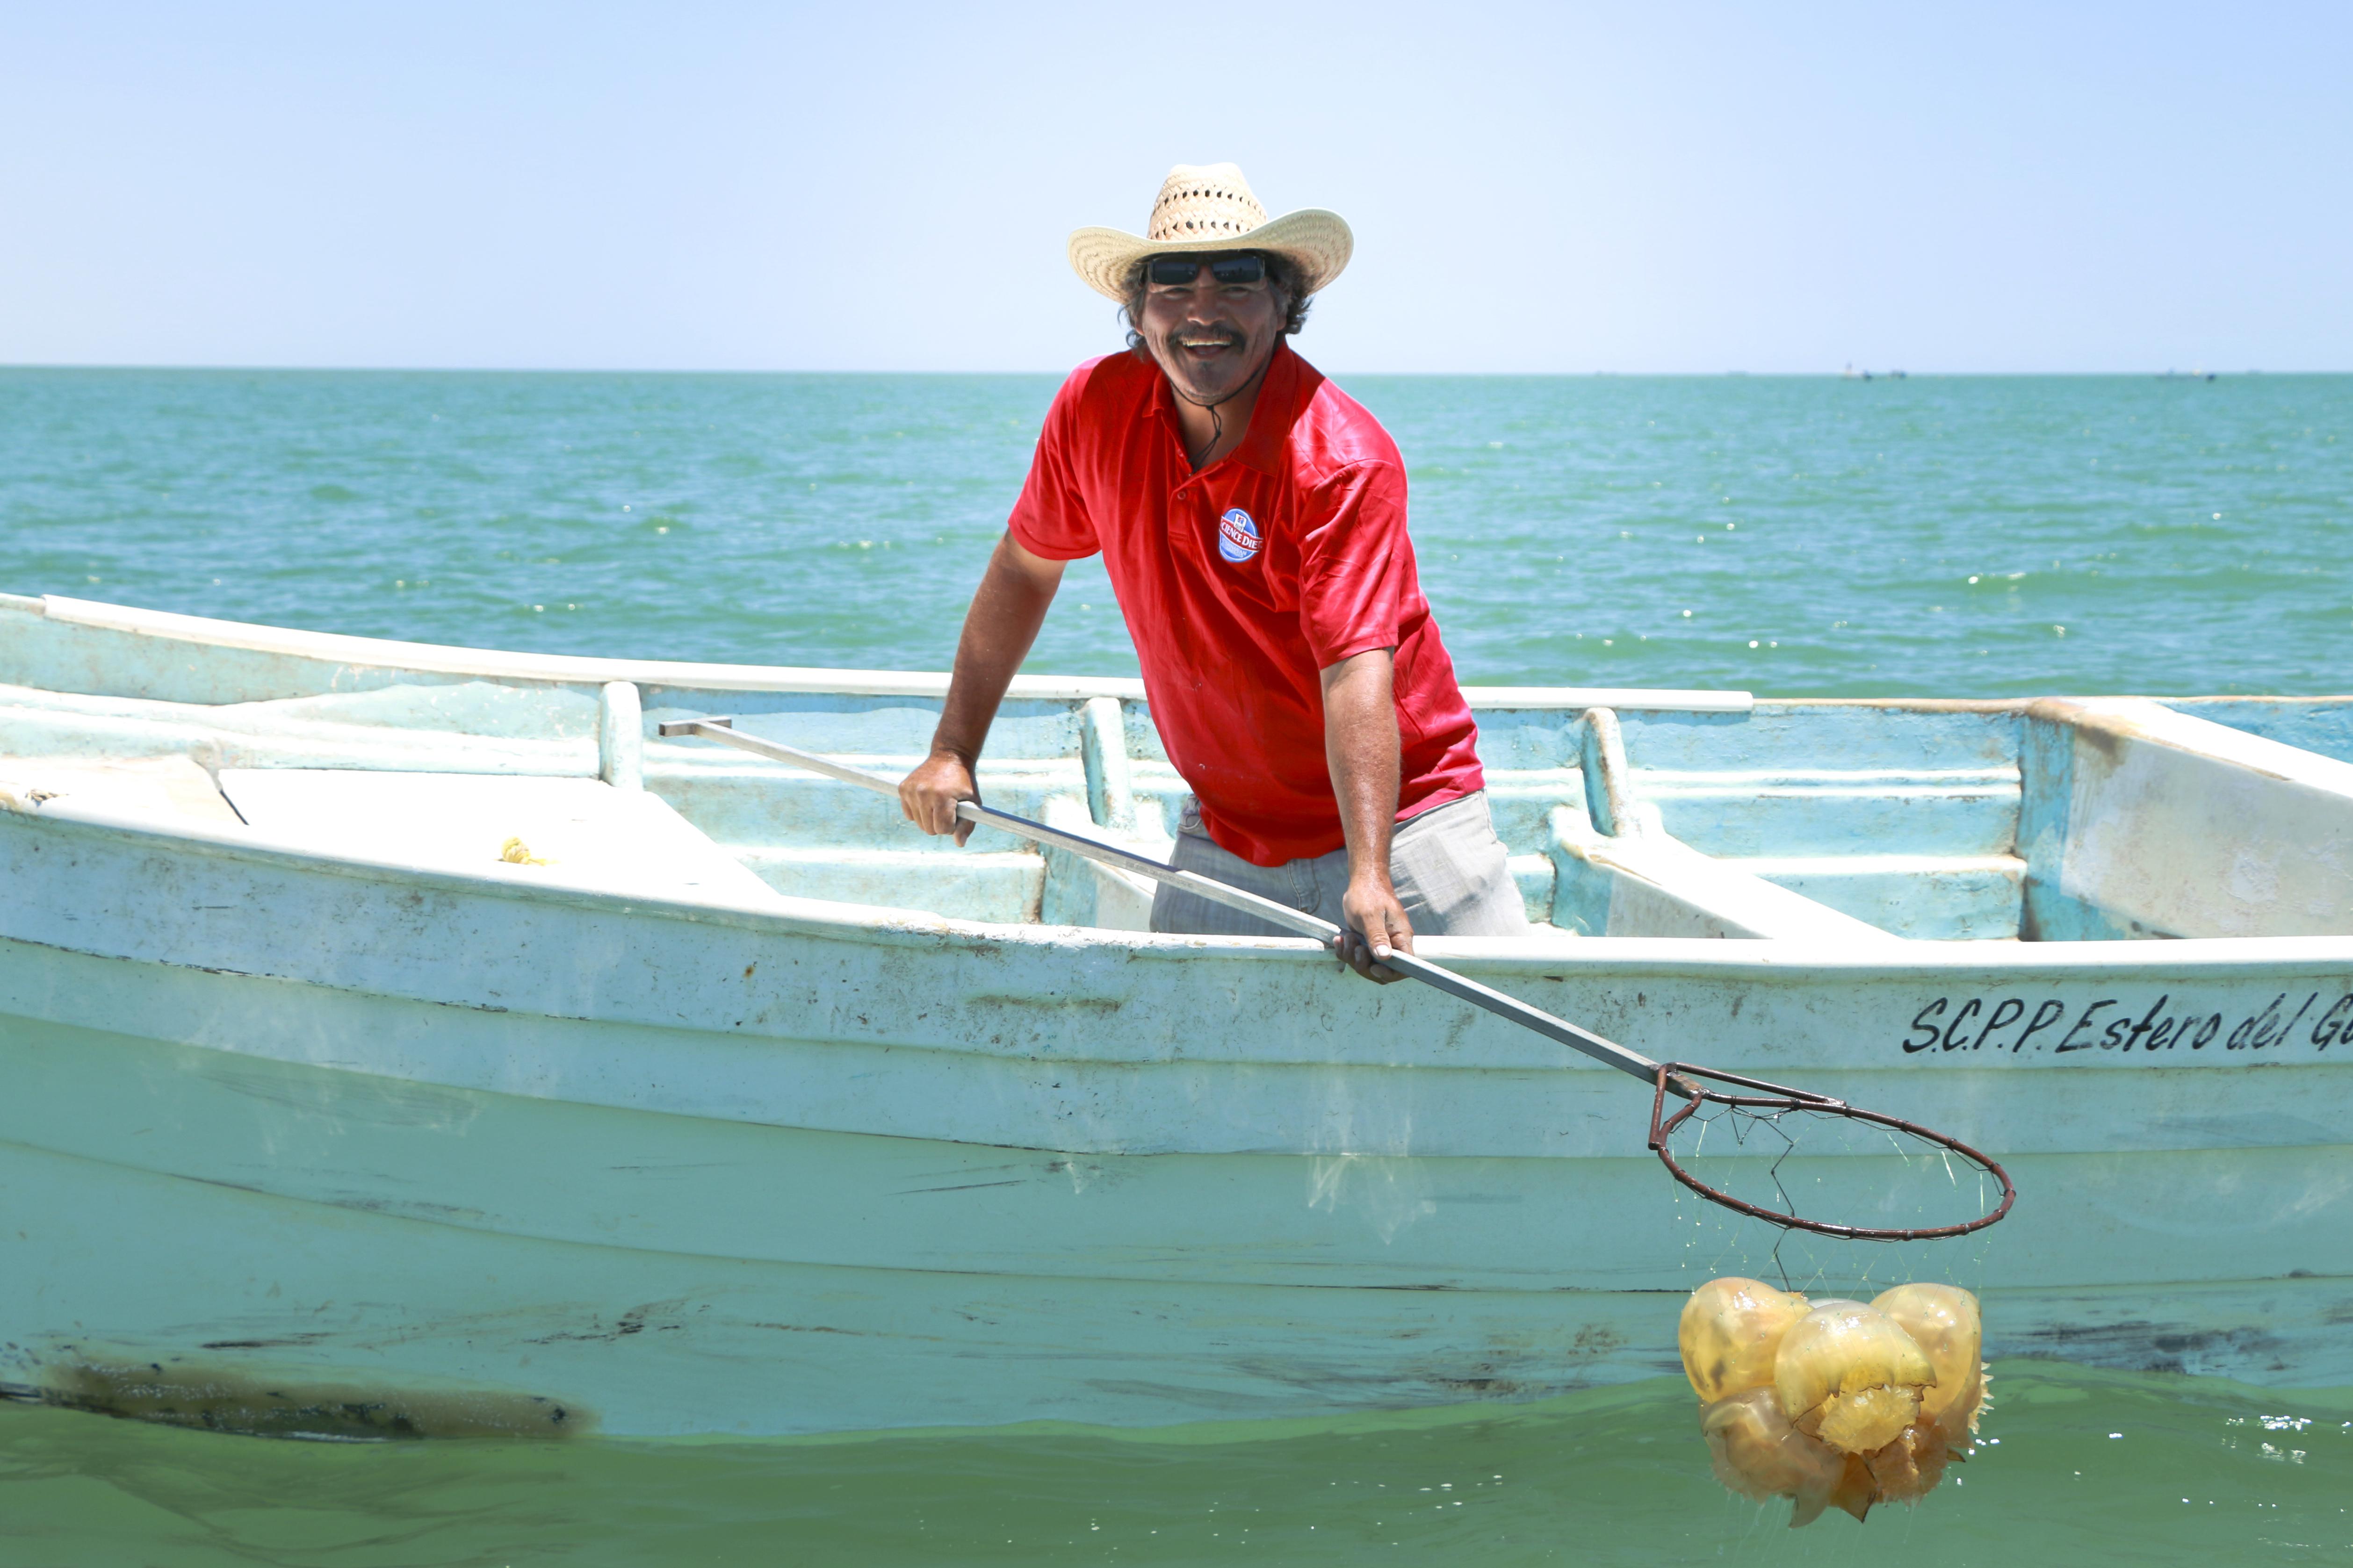 """Para la pesquería de bola de cañón, la Comisión Nacional de Acuacultura y Pesca (CONAPESCA) emitió para este 2018, un total de 540 permisos para el mismo número de lanchas que realizan la pesca de """"aguamala""""."""